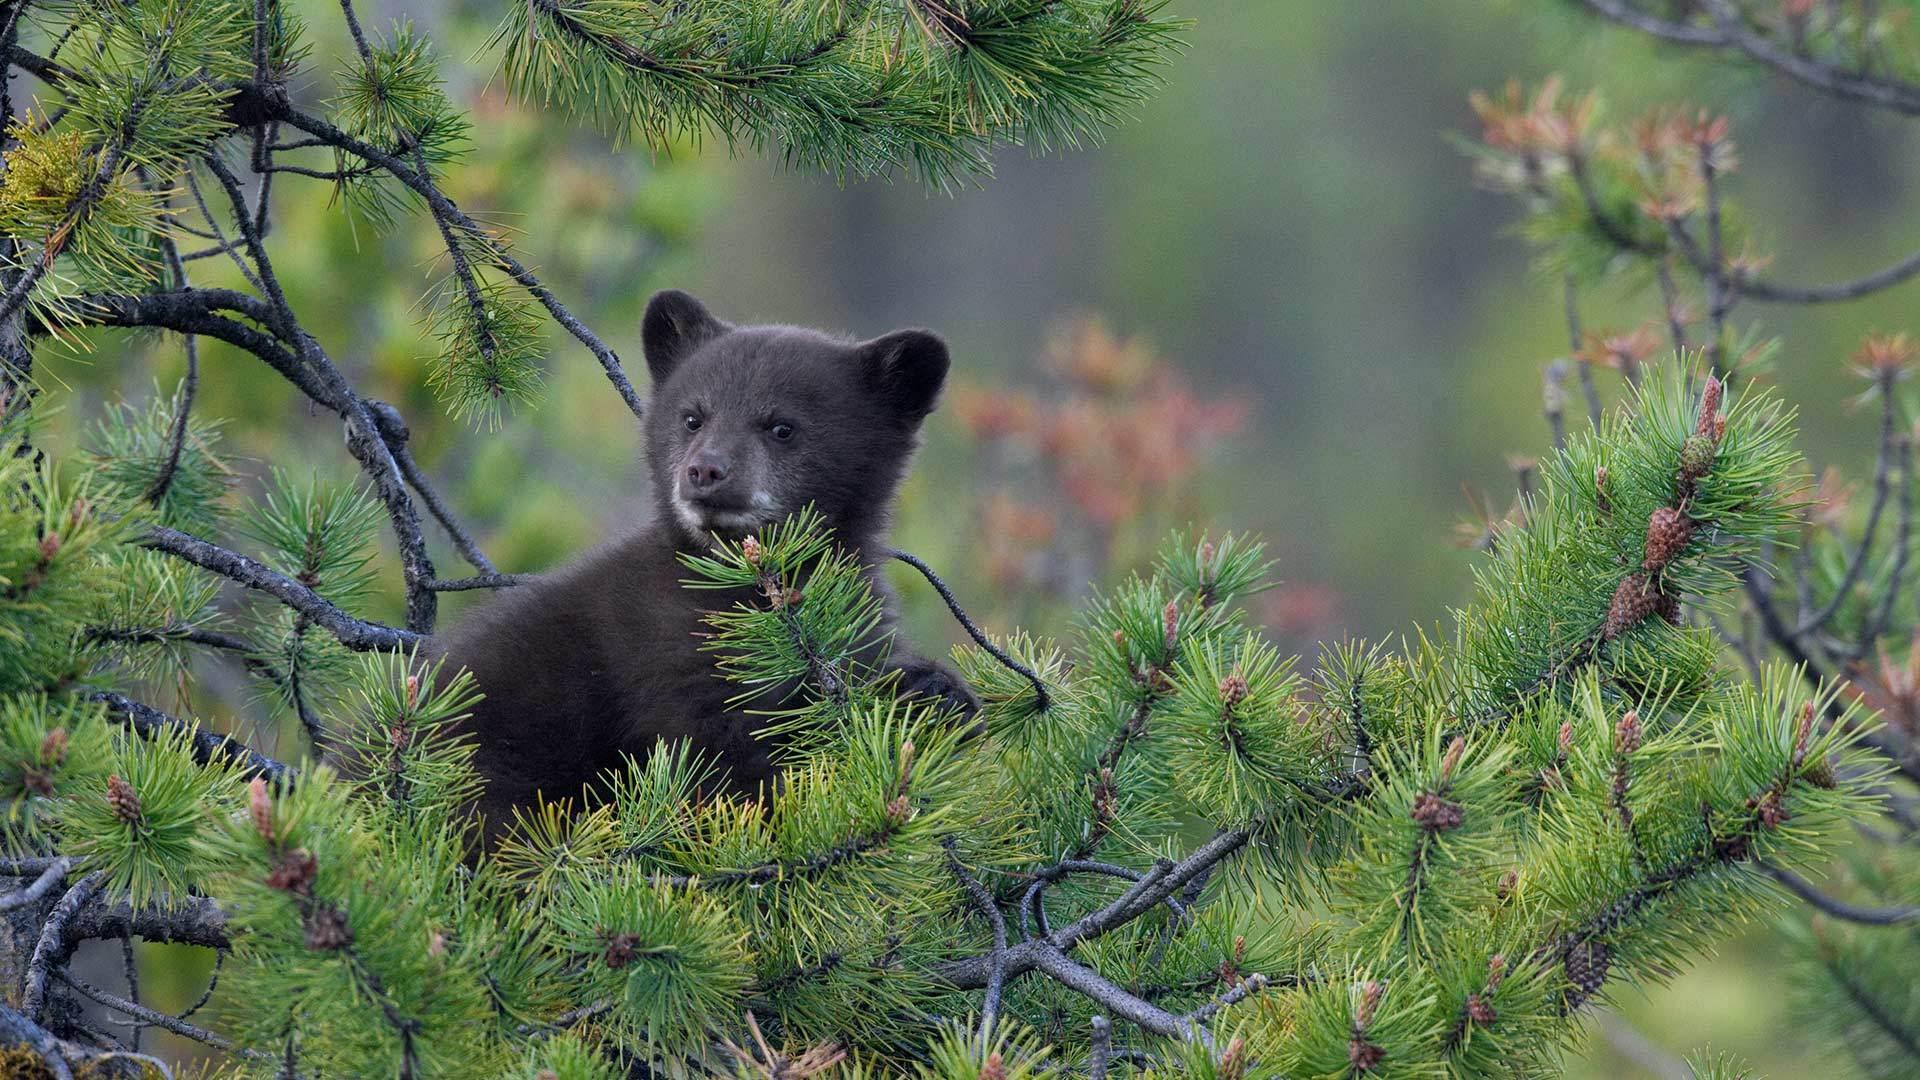 松树上的一只美国黑熊幼崽